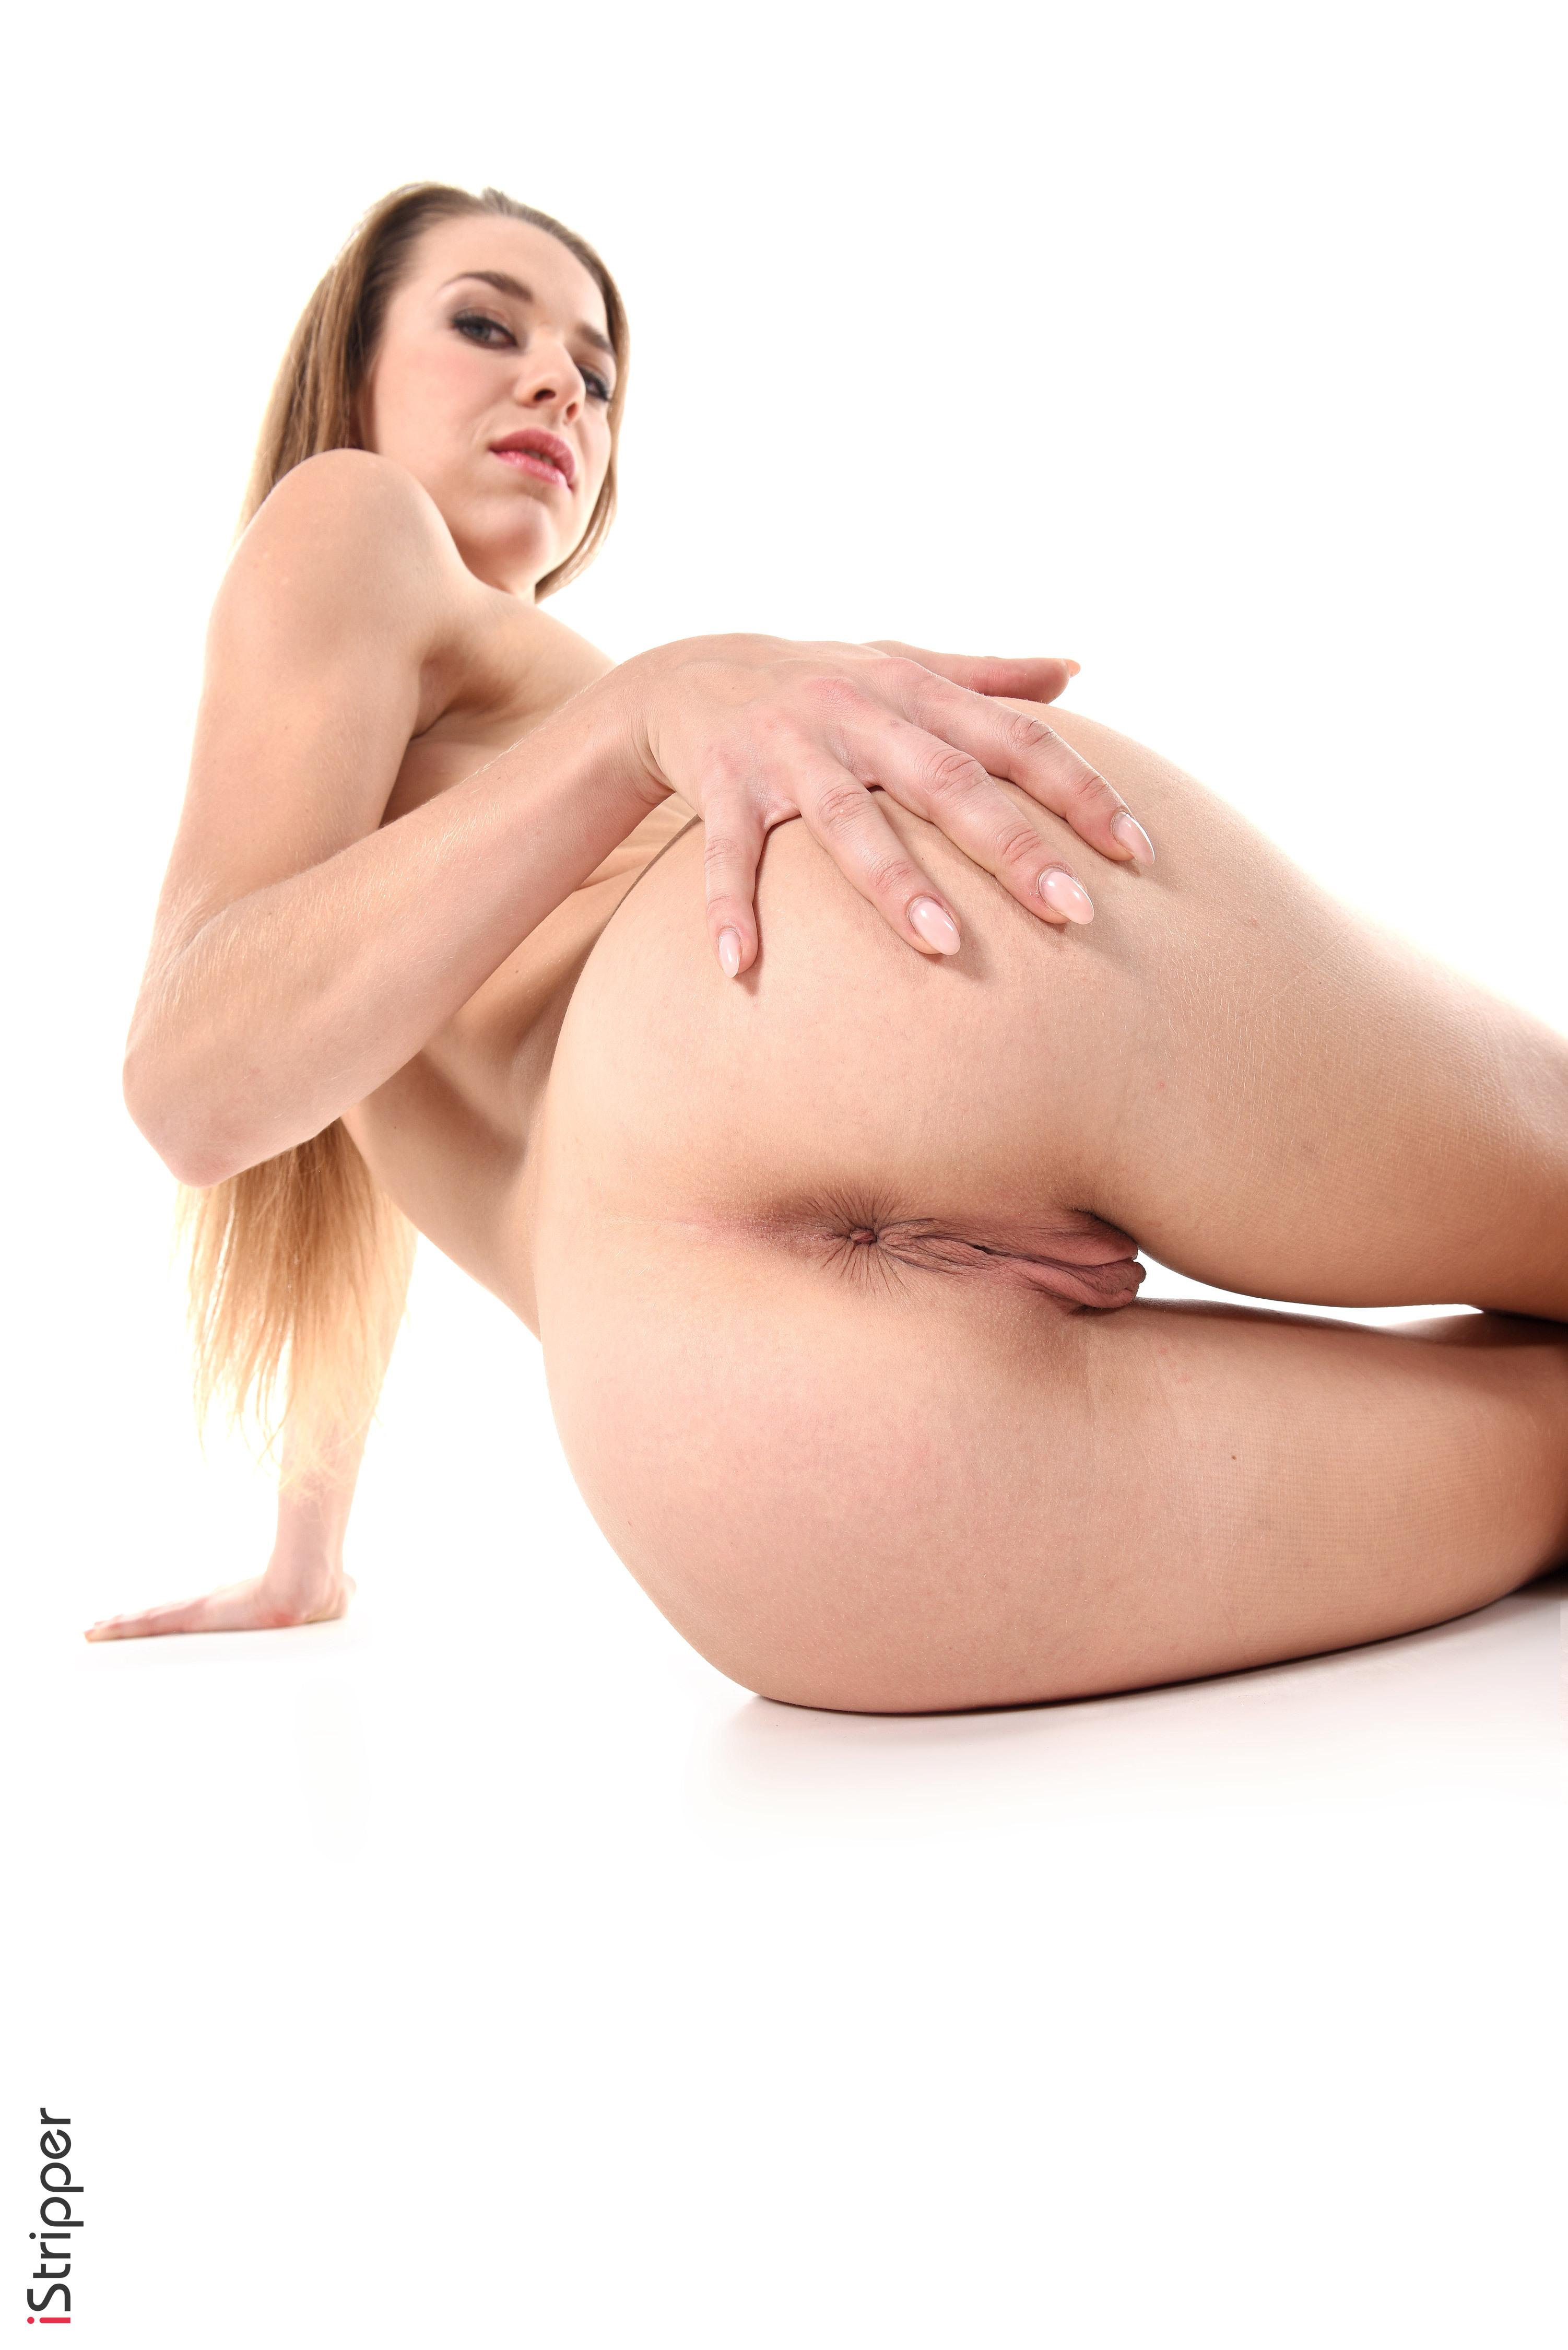 hot porn wall